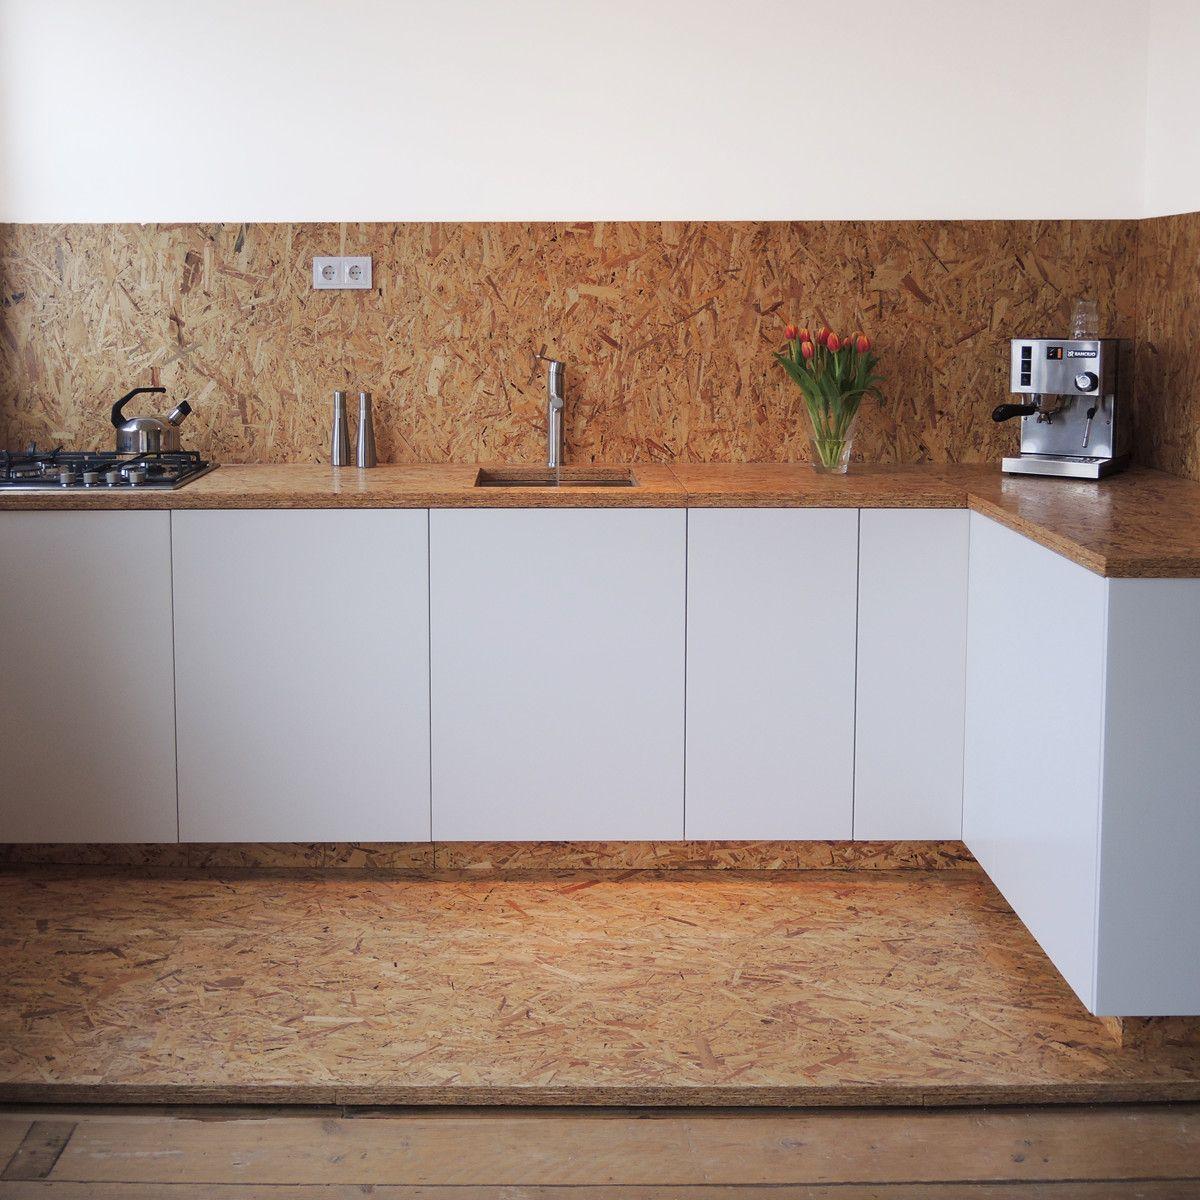 image result for osb kitchen osb pinterest. Black Bedroom Furniture Sets. Home Design Ideas